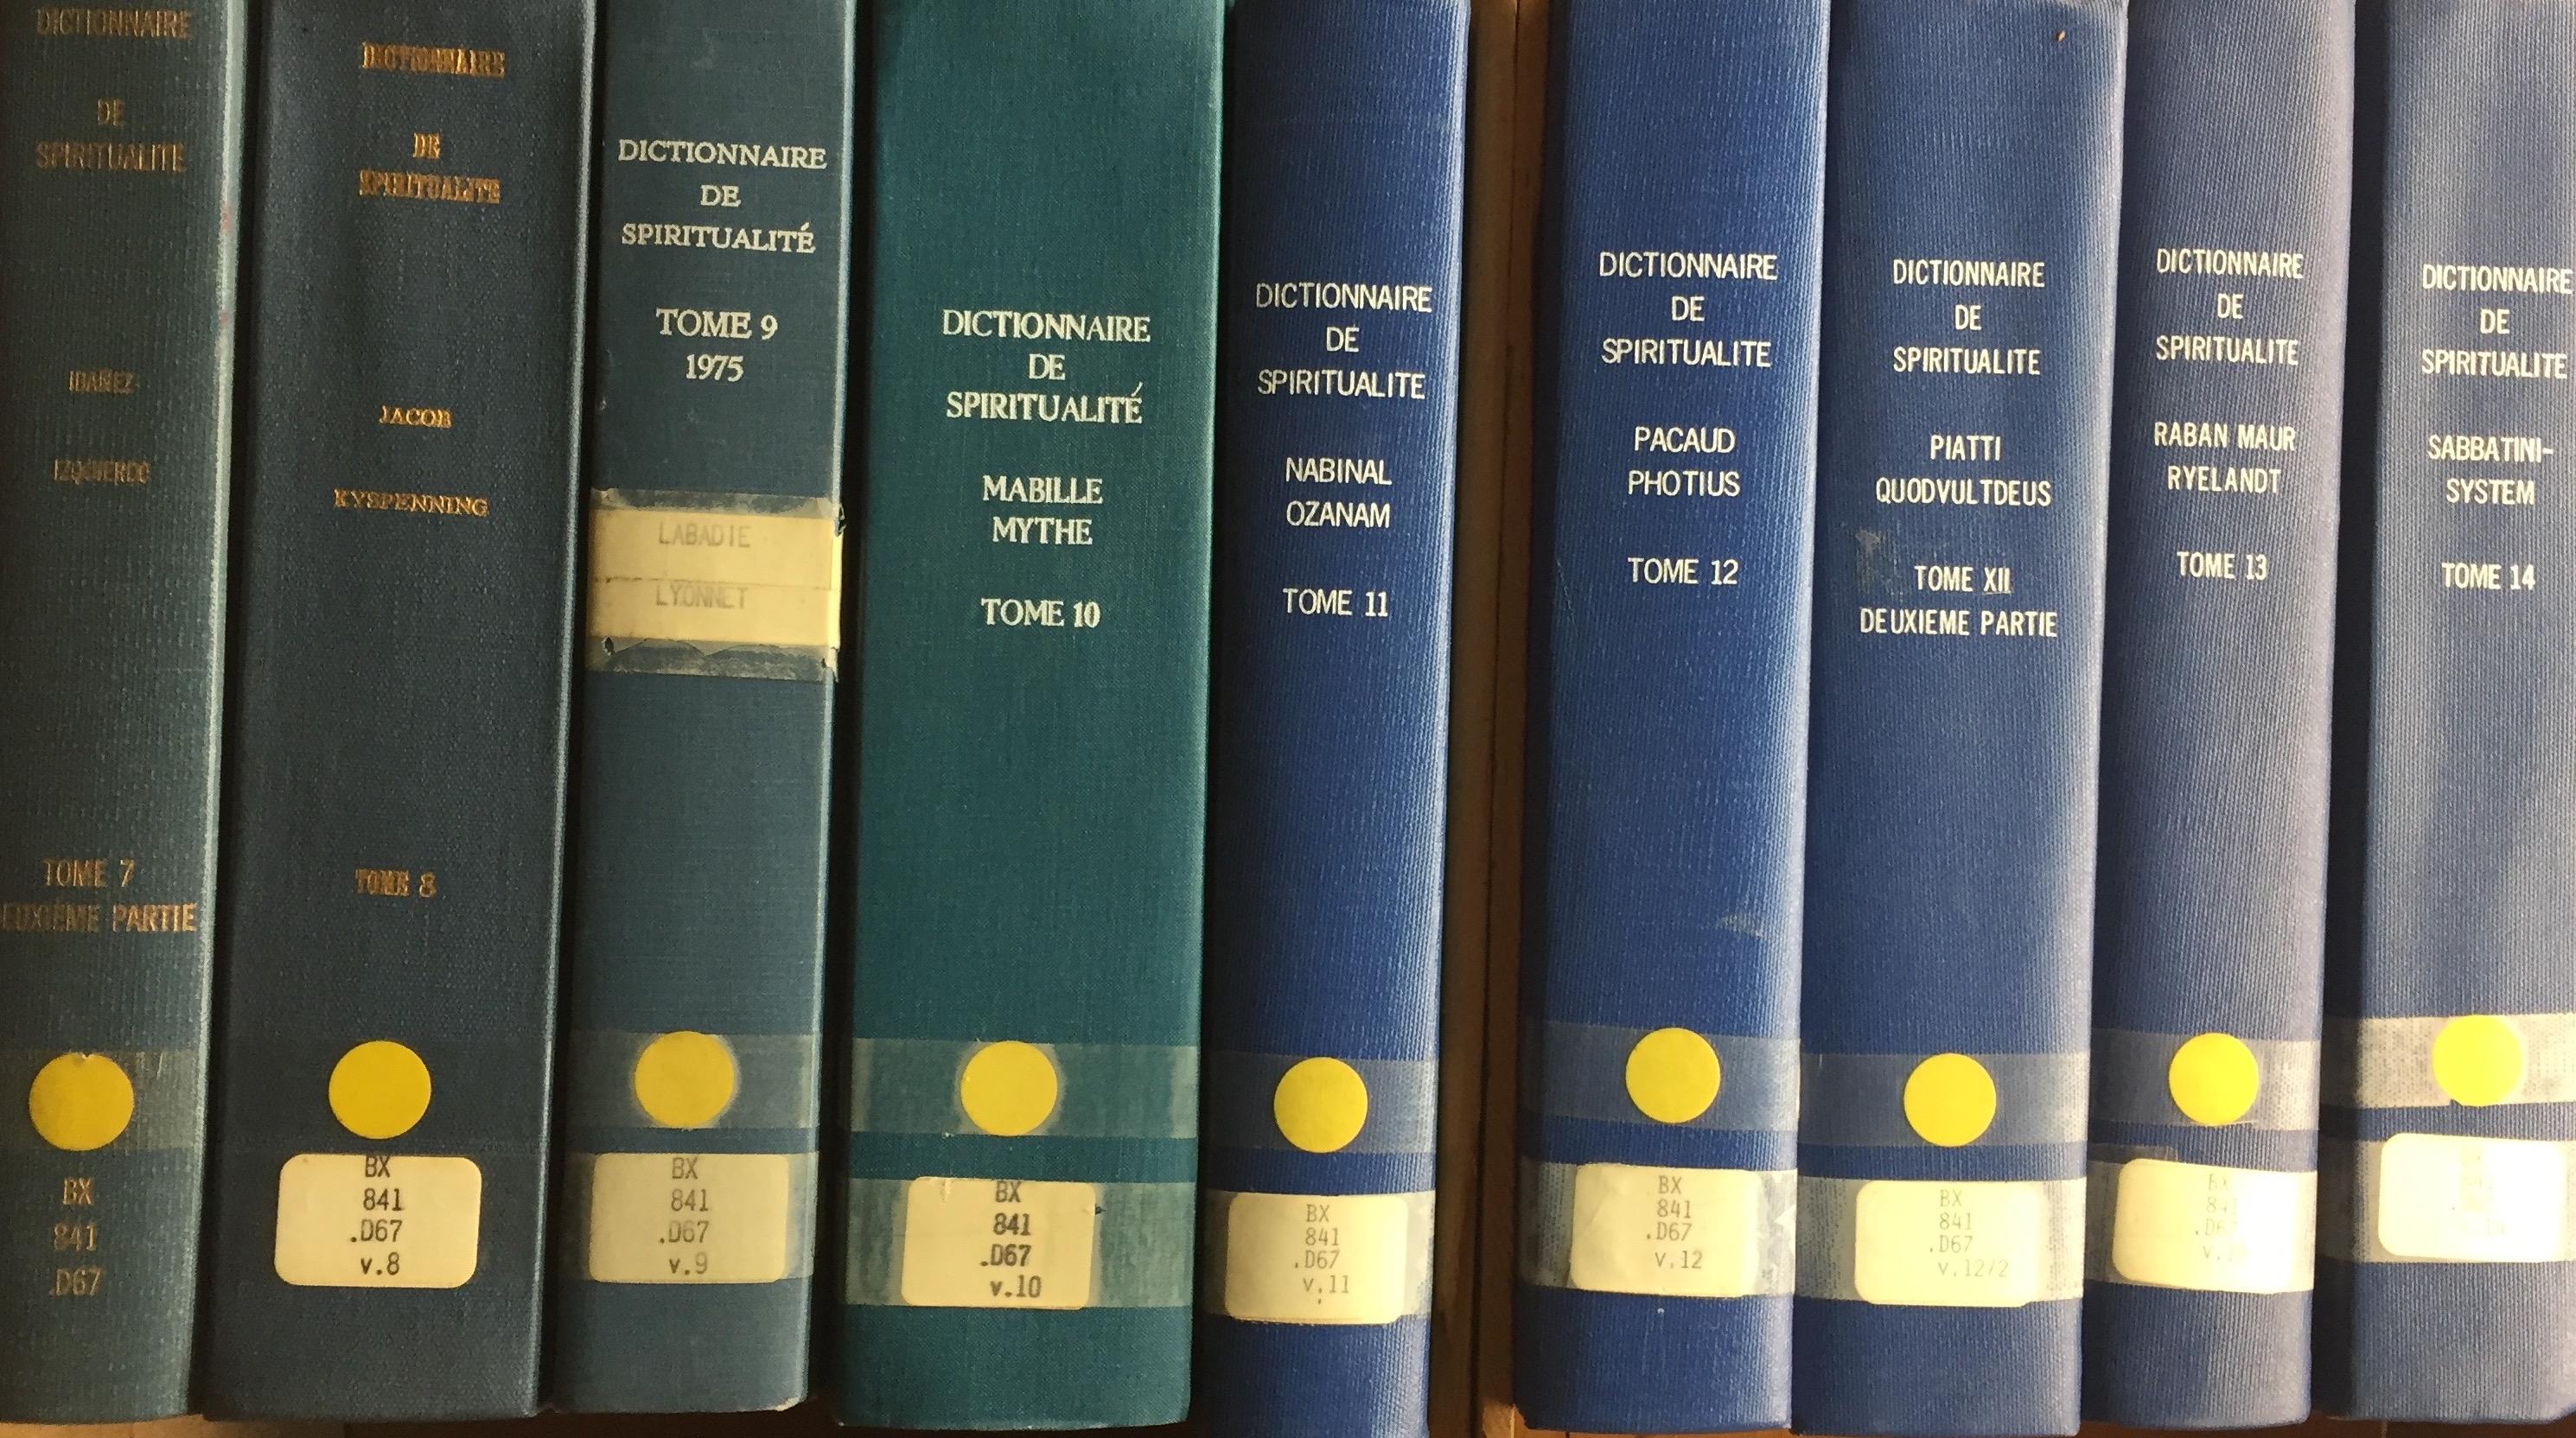 Dictionnaire de Spiritualite - Ascetique et Mystique, Doctrine et Histoire. 17 VOLUMES!